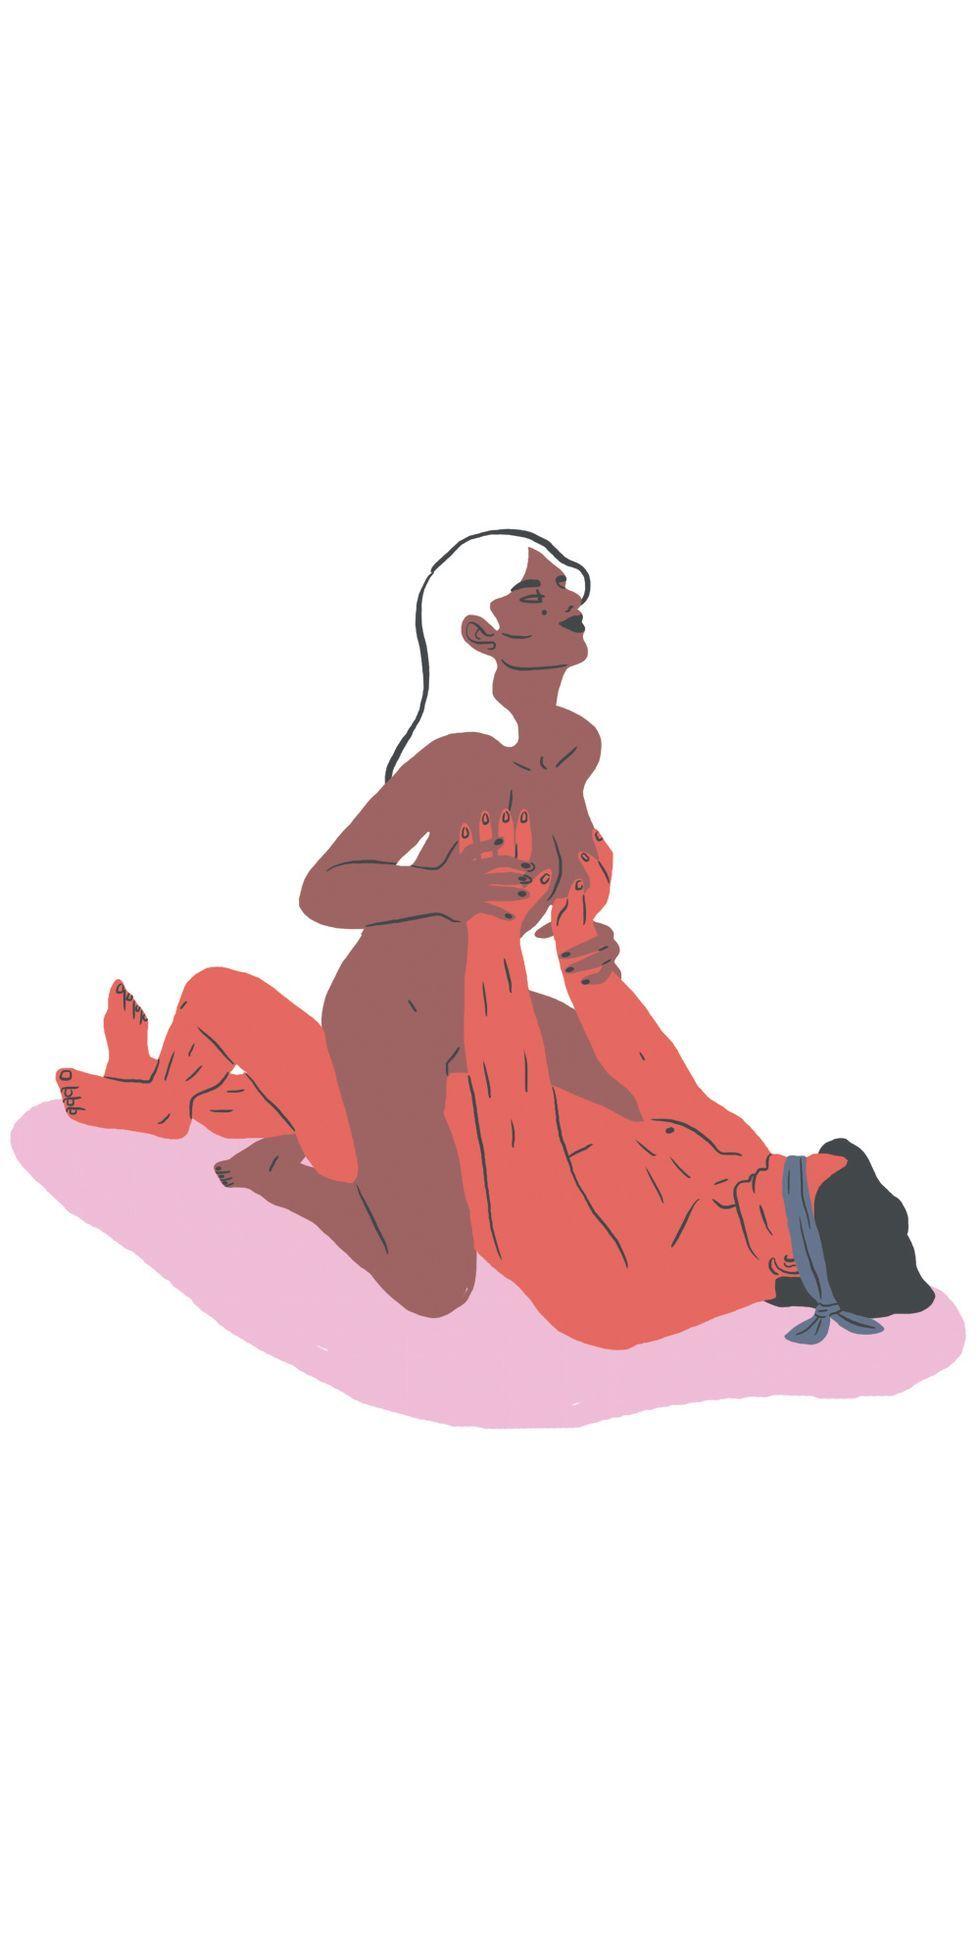 ilustrasi hubungan intim, meningkatkan gairah seks